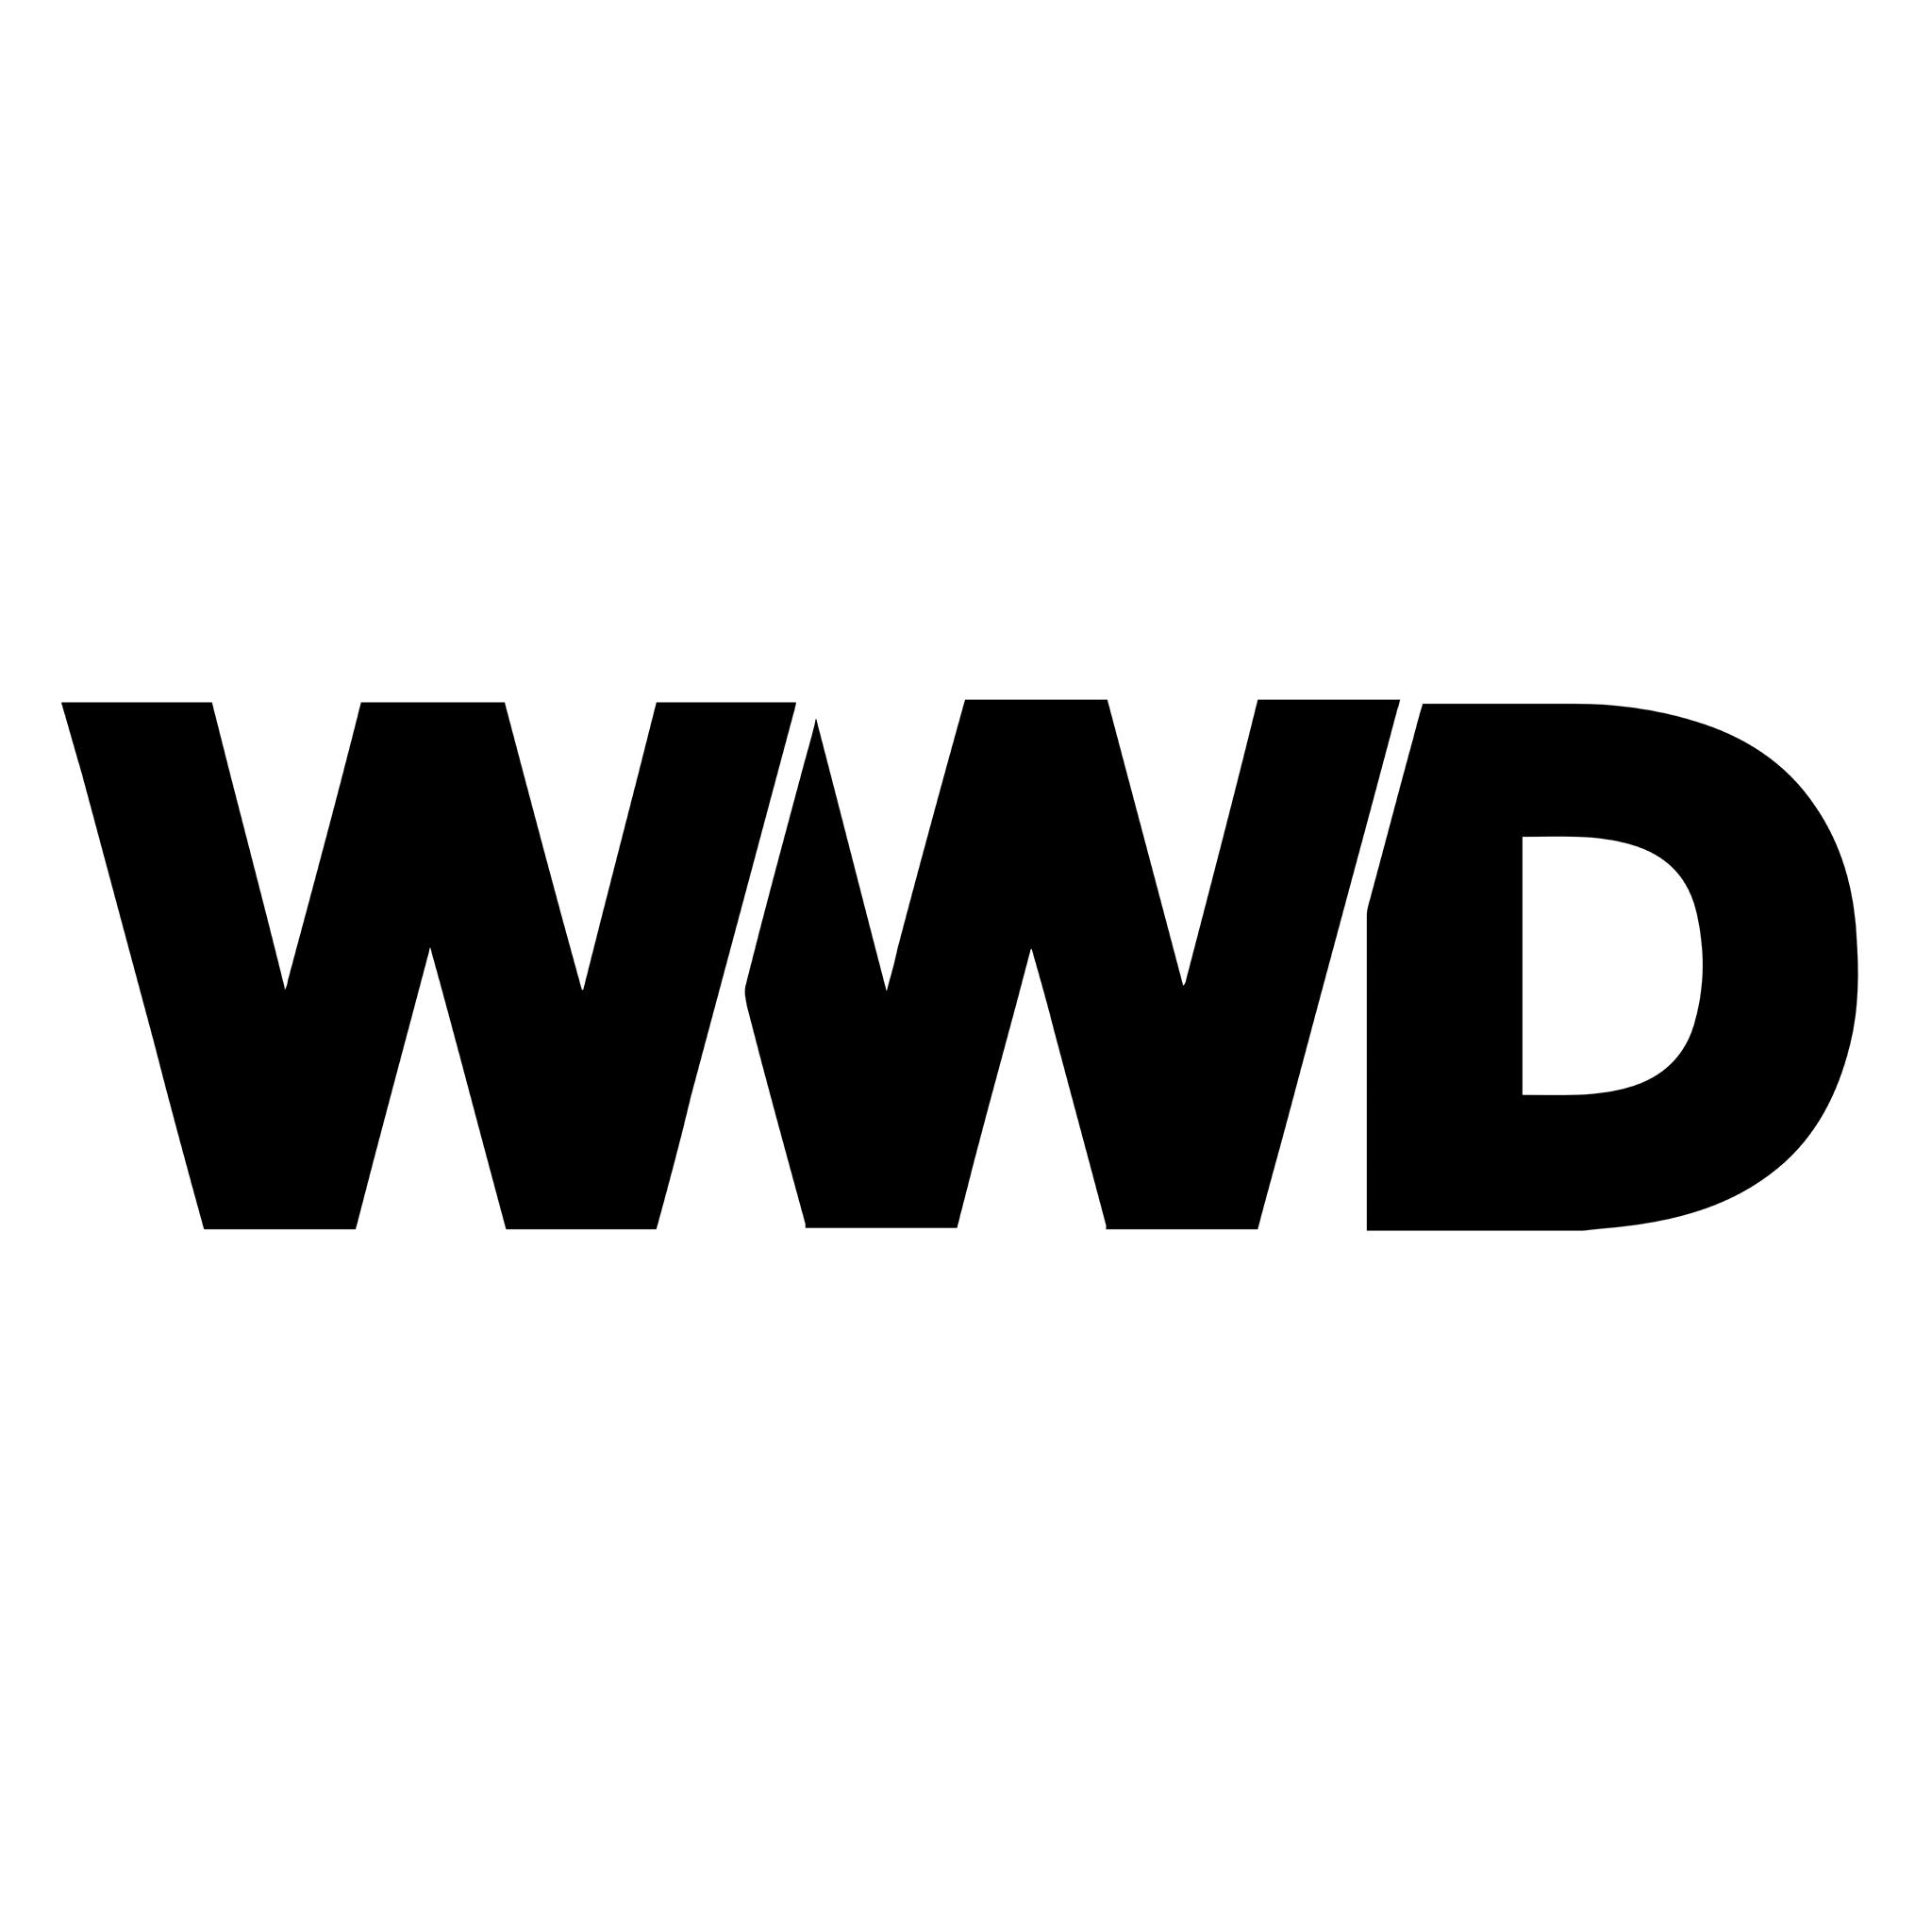 WWD  - MF RUNWAY INTERVIEW